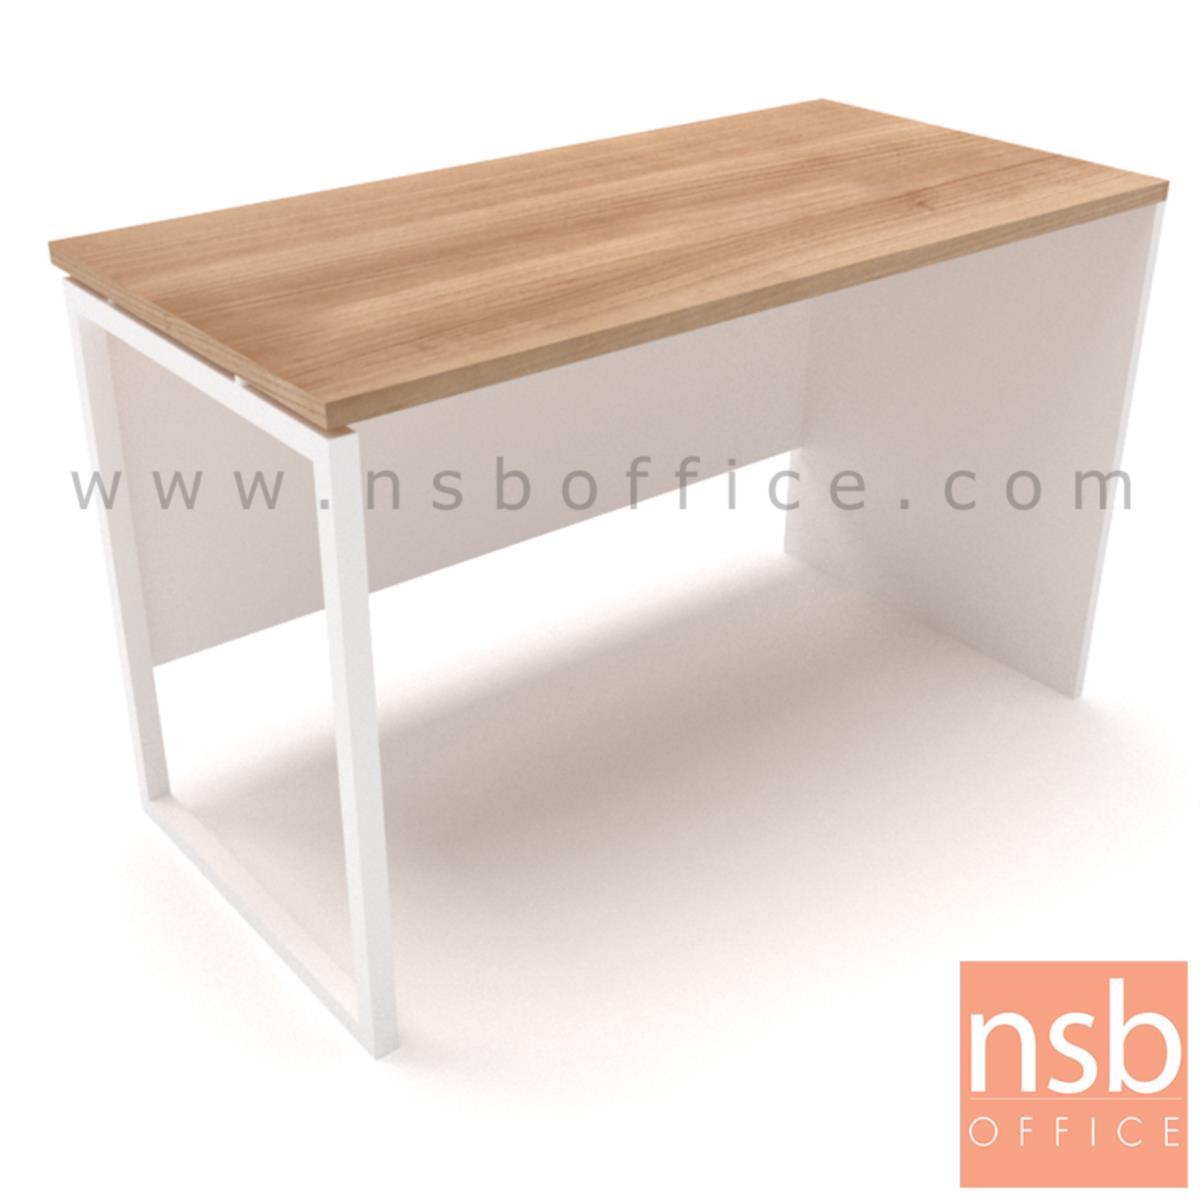 โต๊ะทำงานโล่ง รุ่น  Eric (อีริค) ขนาด 80W,120W,160W cm.  ขาเหล็ก